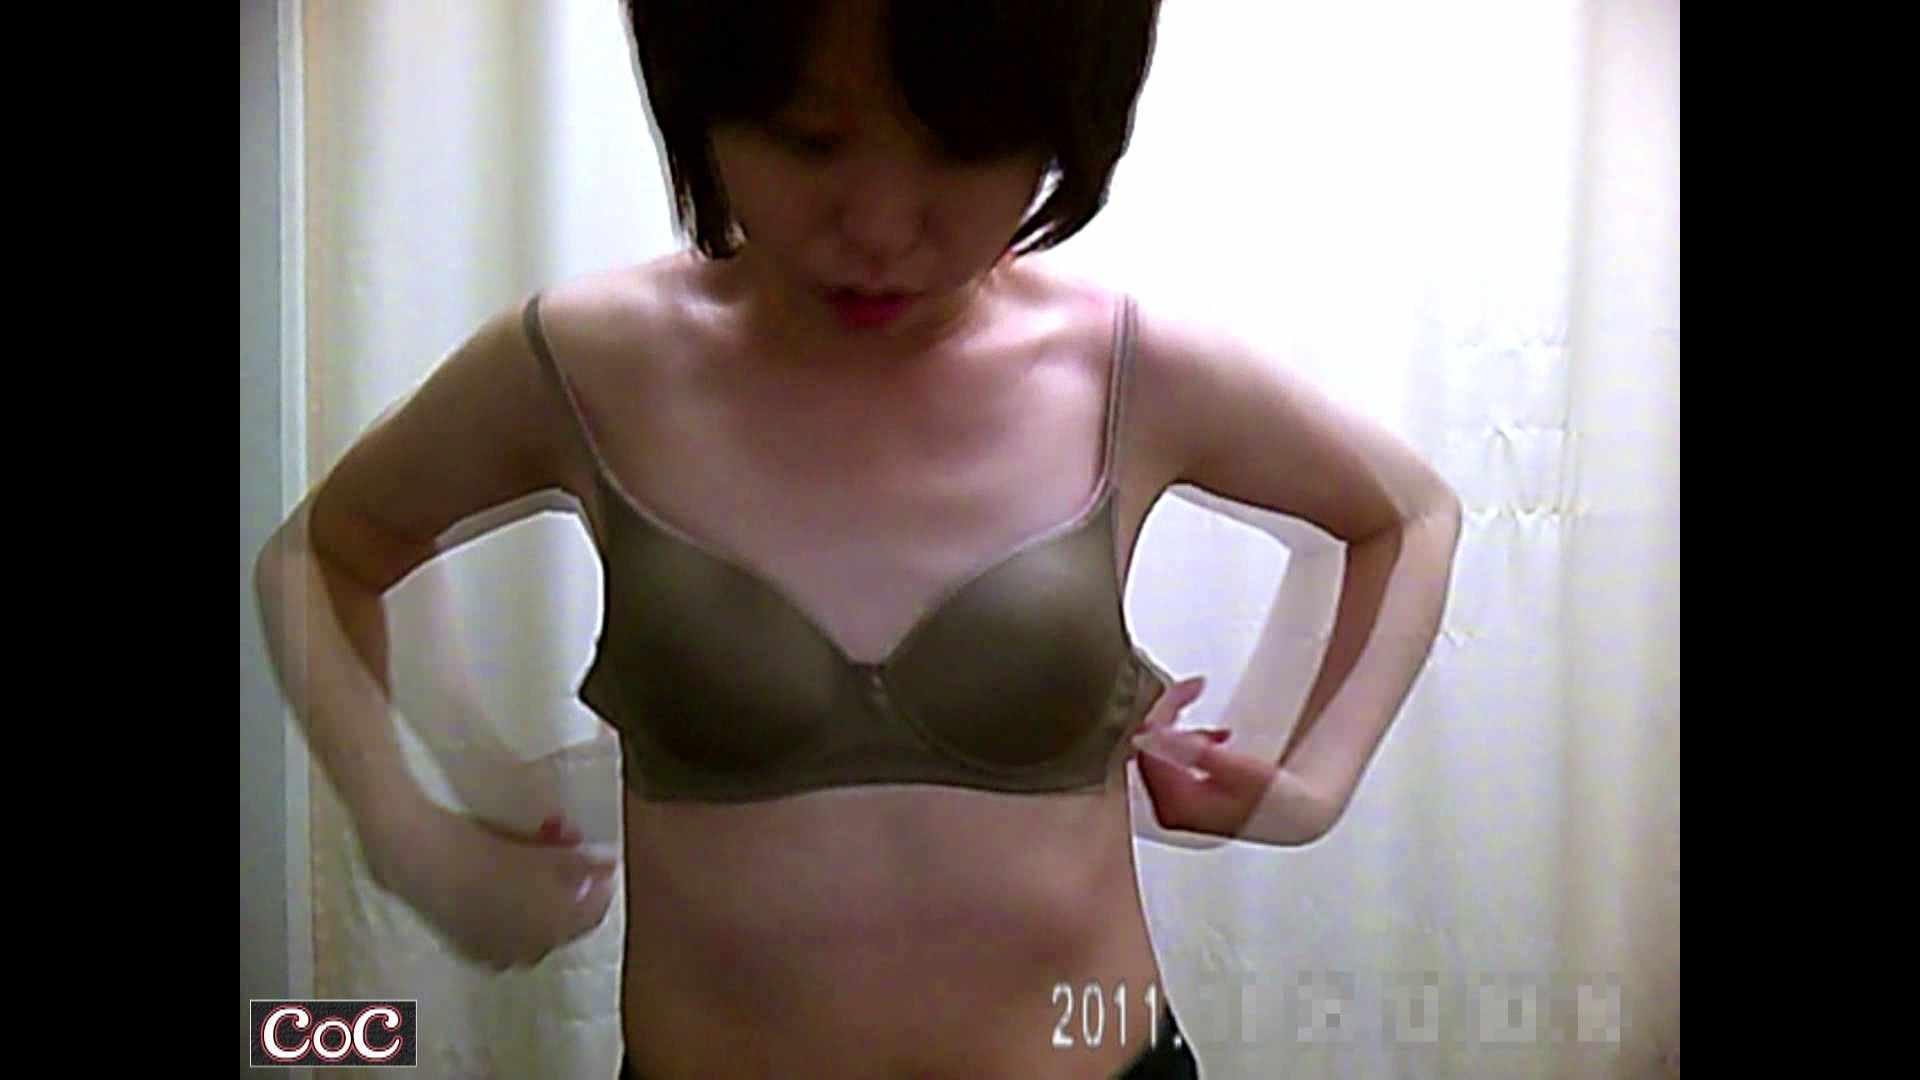 無修正ヌード 元医者による反抗 更衣室地獄絵巻 vol.214 怪盗ジョーカー